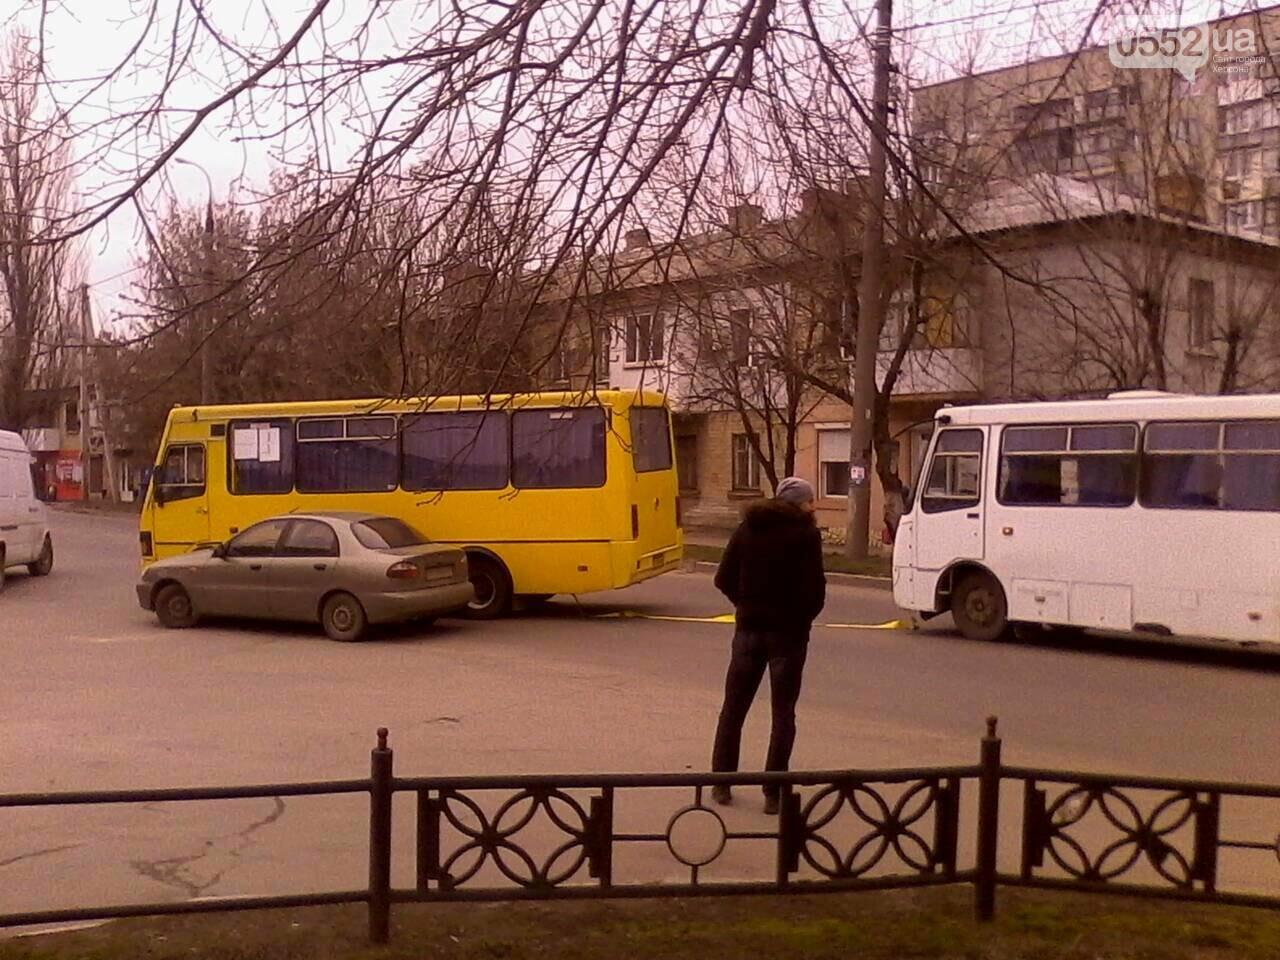 В Херсоне произошло ДТП с участием маршрутки (фото), фото-2